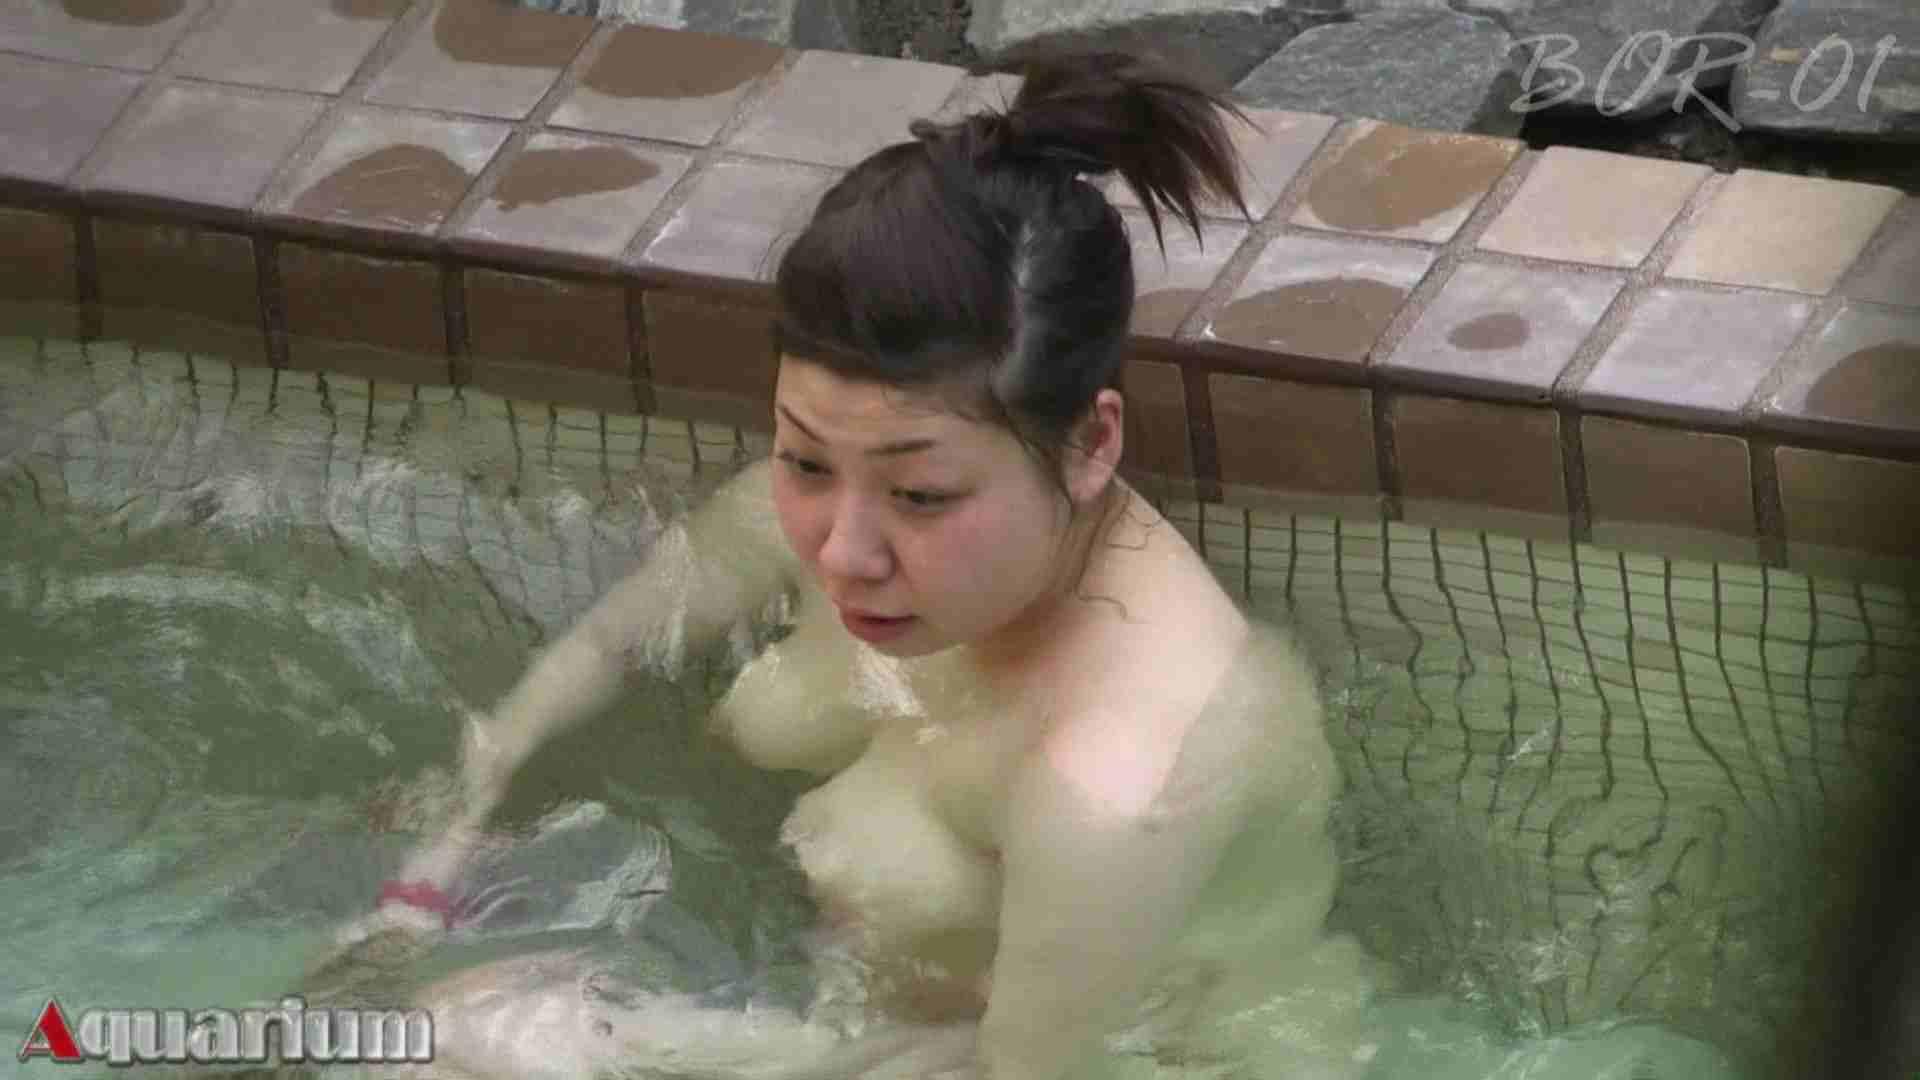 Aquaな露天風呂Vol.464 美しいOLの裸体 エロ画像 95pic 38